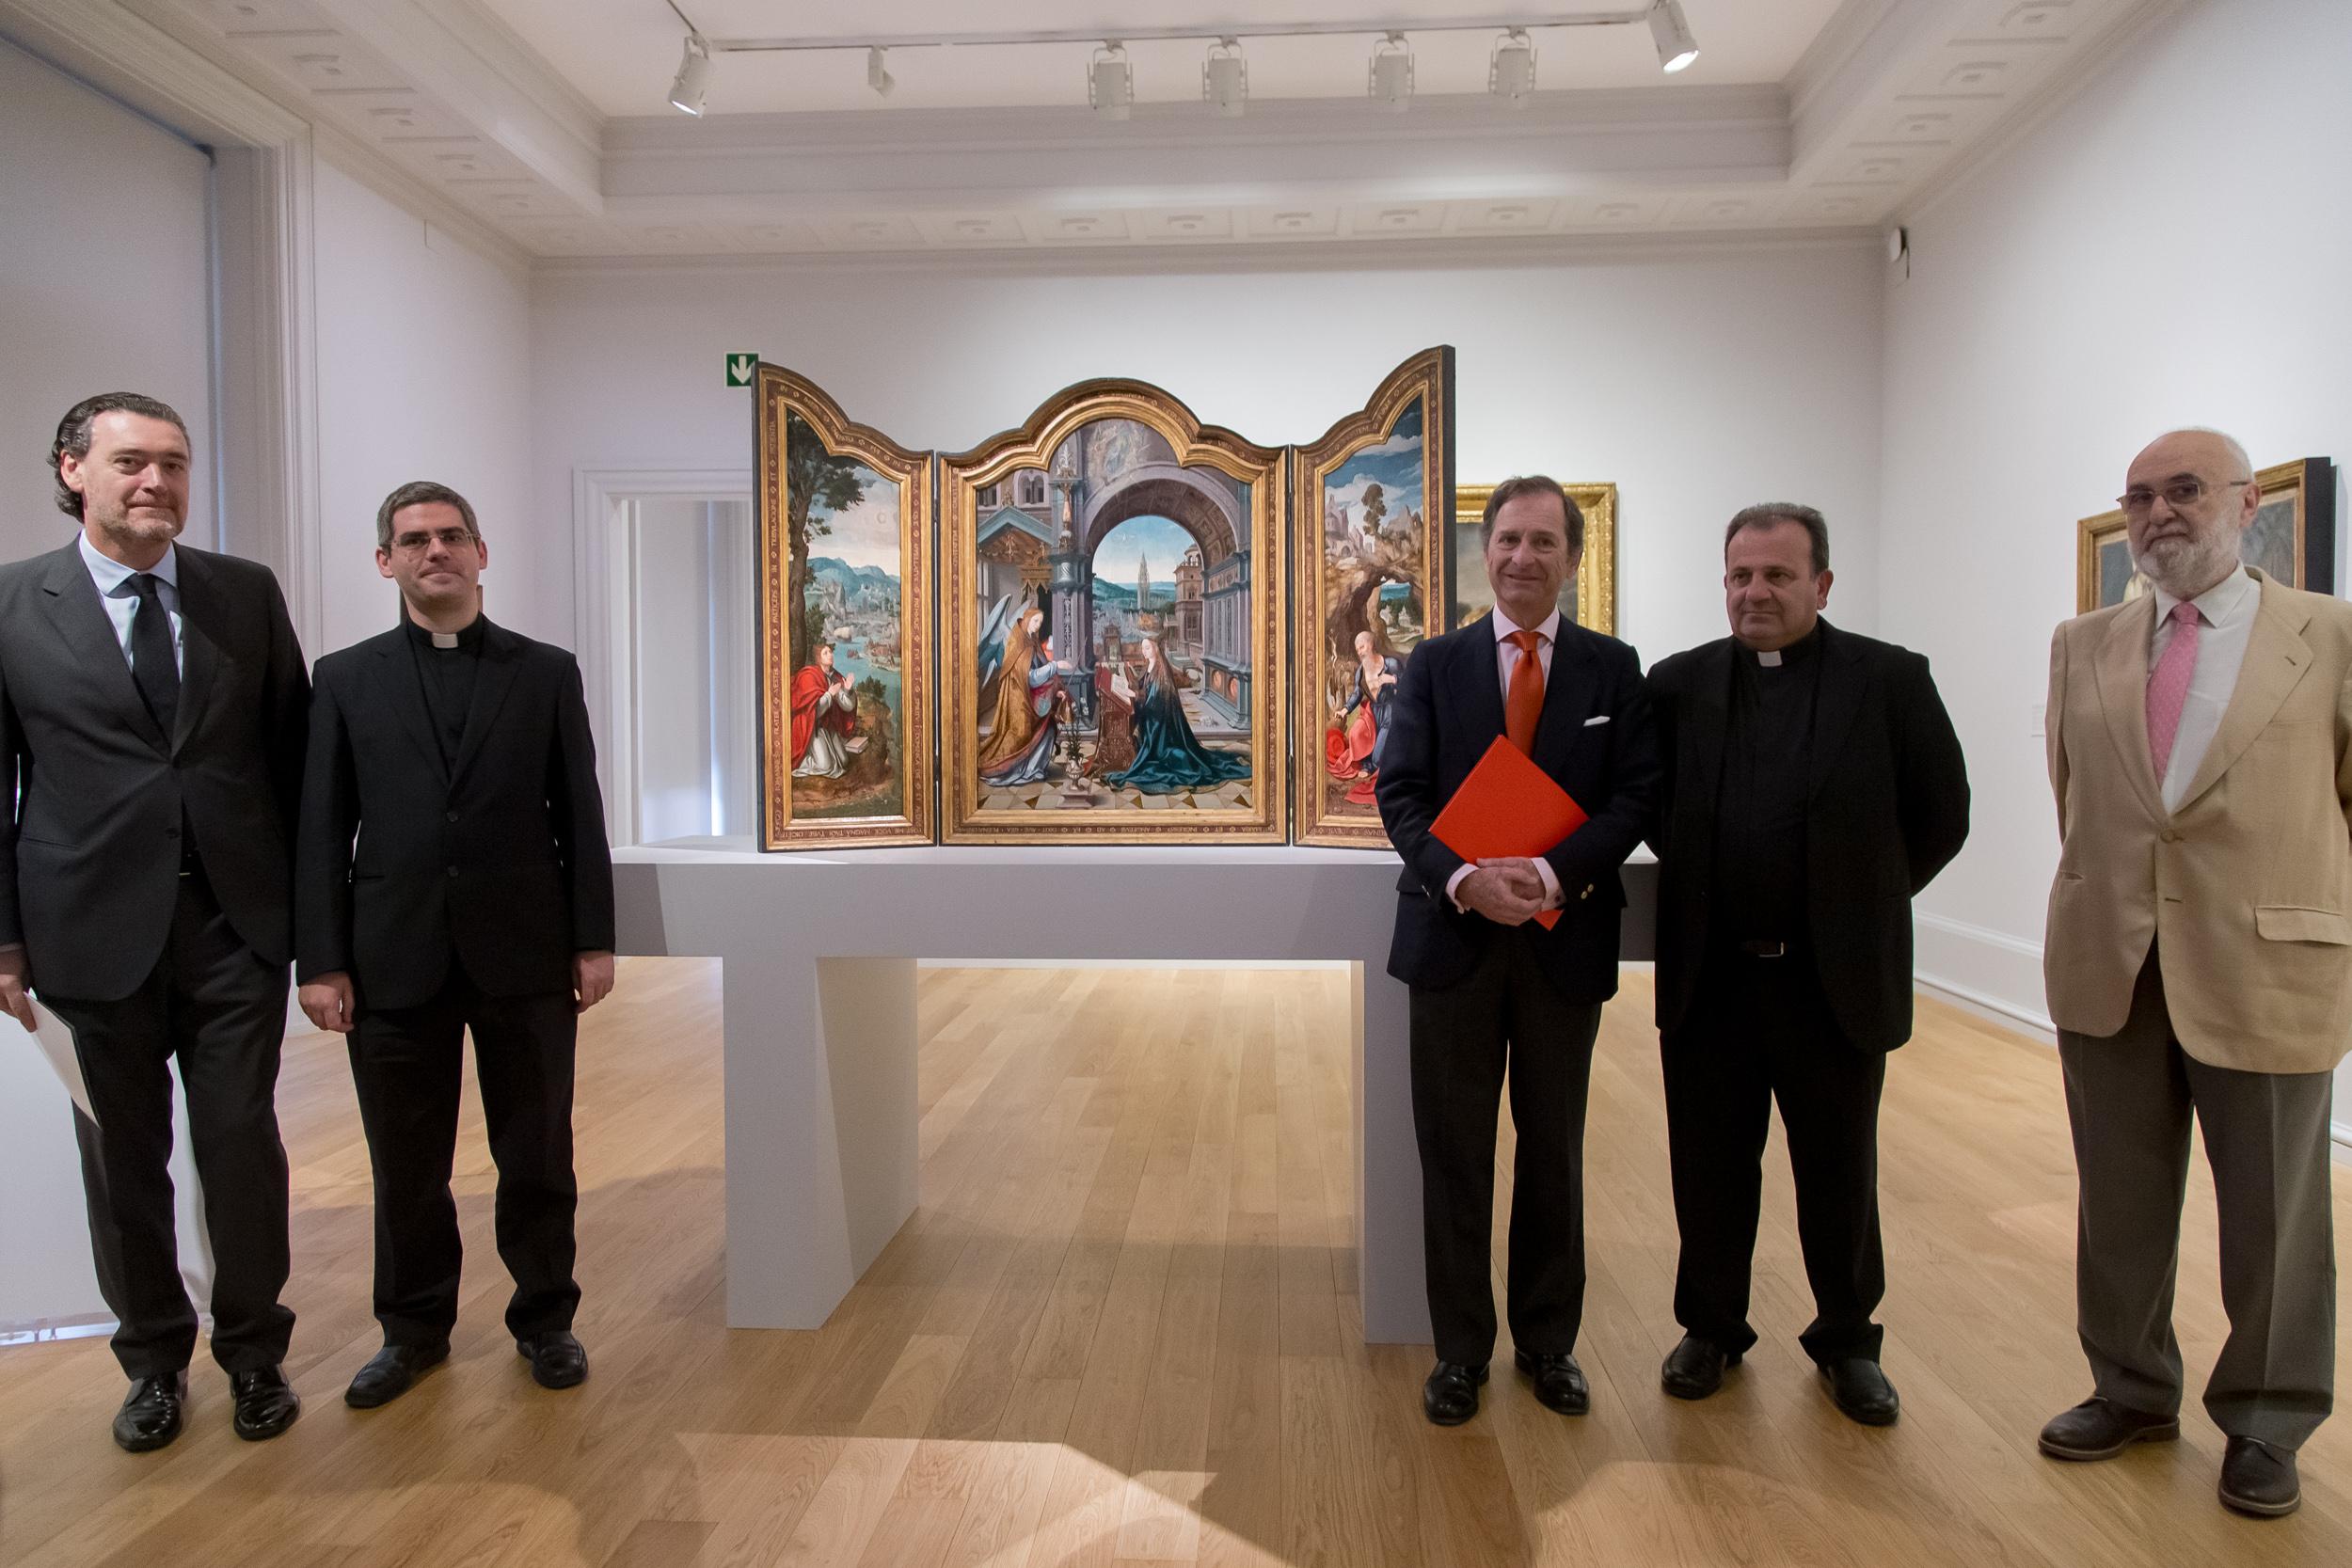 El tríptico de la Anunciación de Joos van Cleve en el Museo de Bilbao